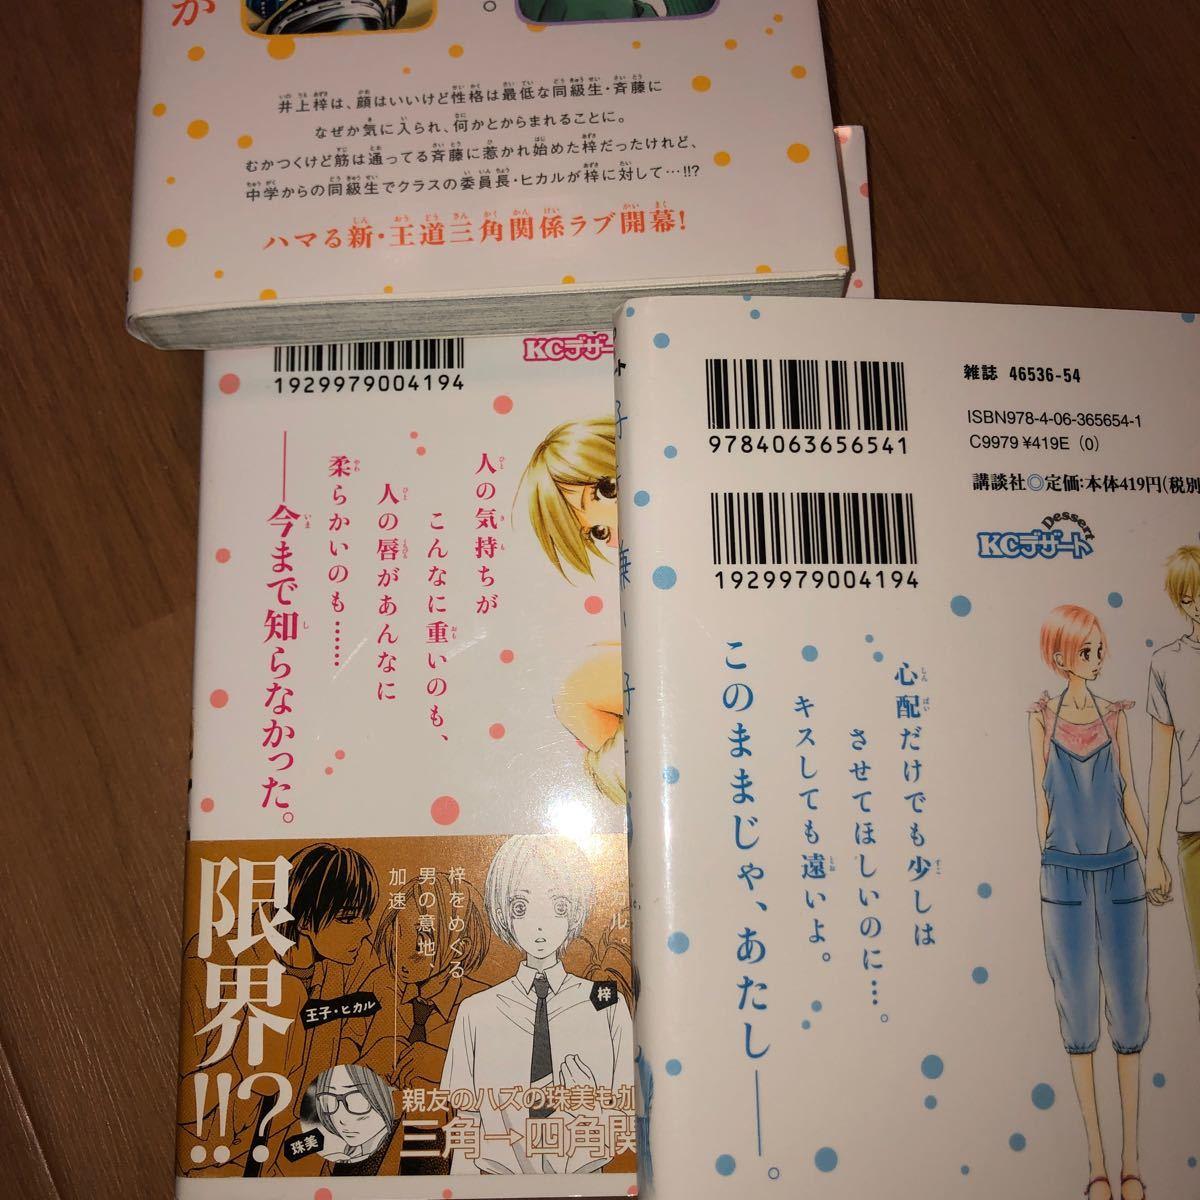 中古少女コミック 好き・嫌い・好き 全3巻セット / 築島治 完結